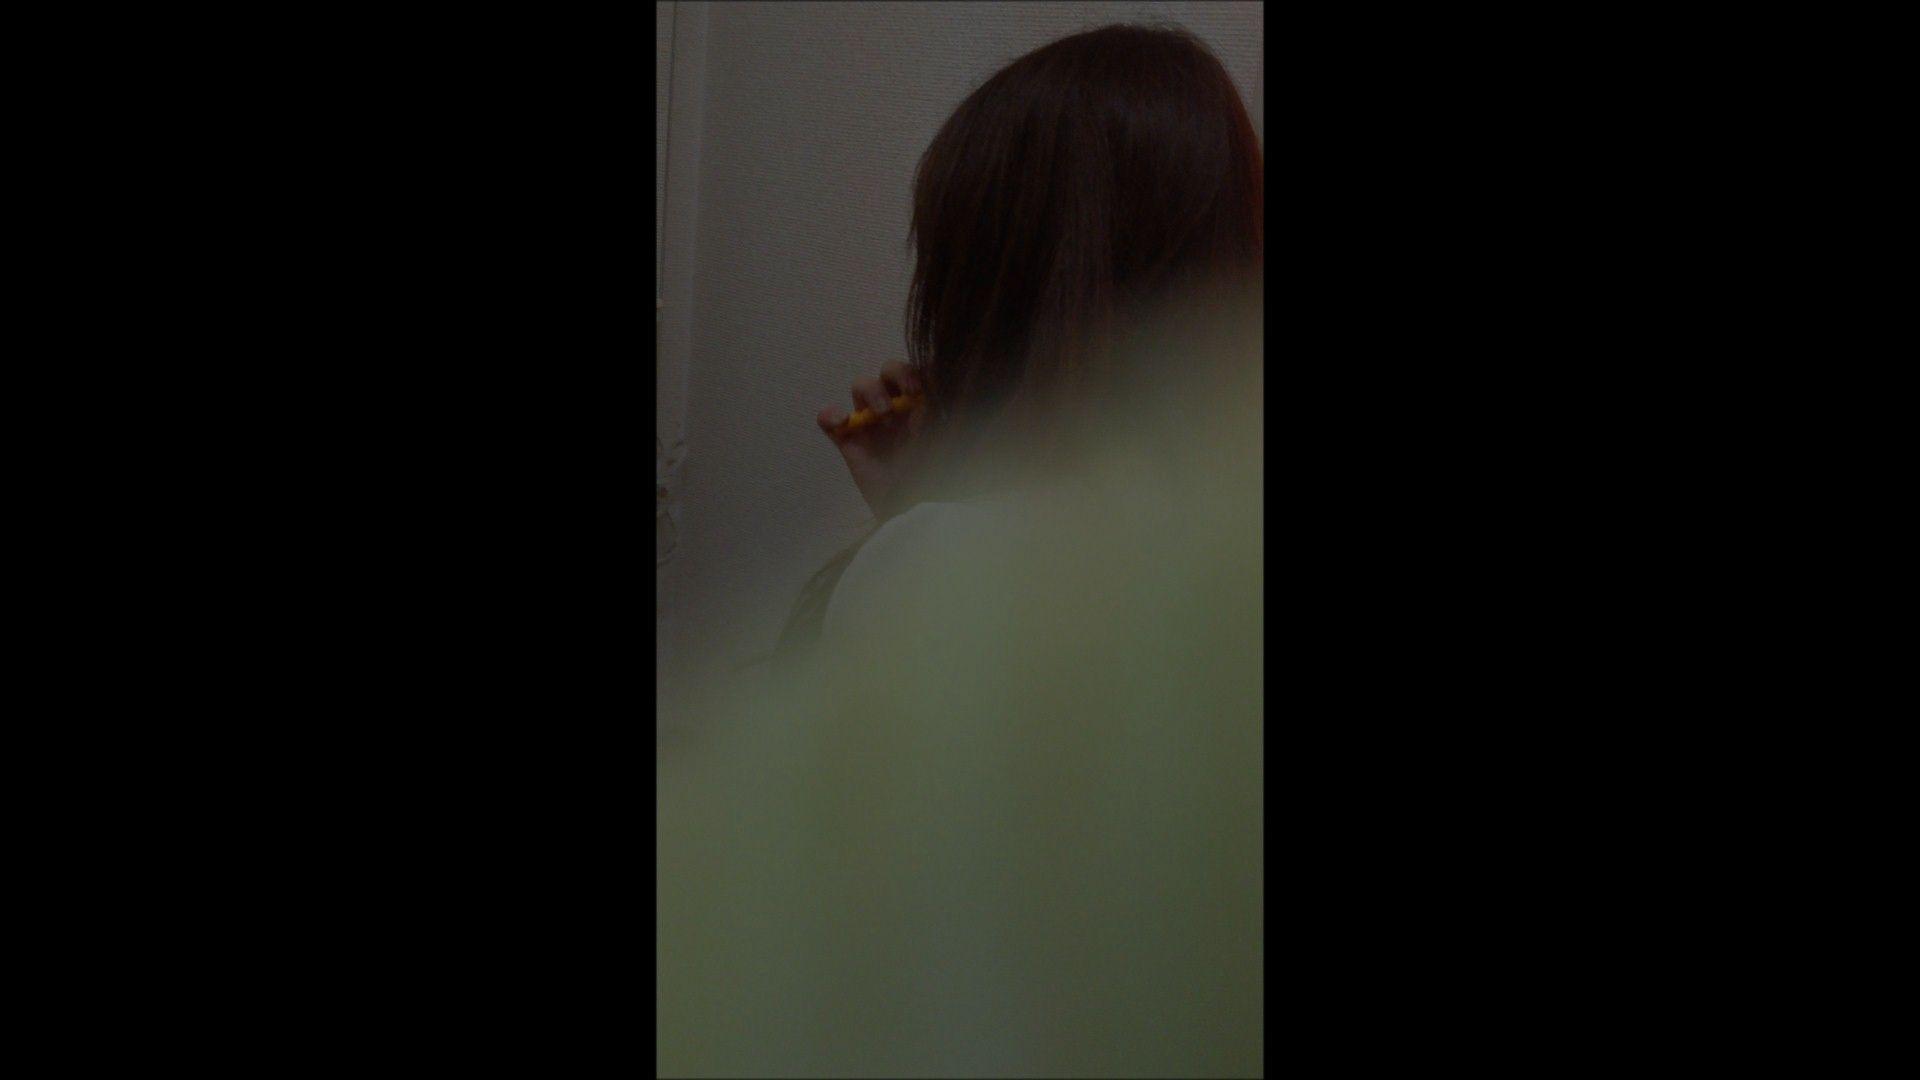 08(8日目)メイク中の彼女の顔を撮りました! 盗撮大放出 性交動画流出 51連発 26